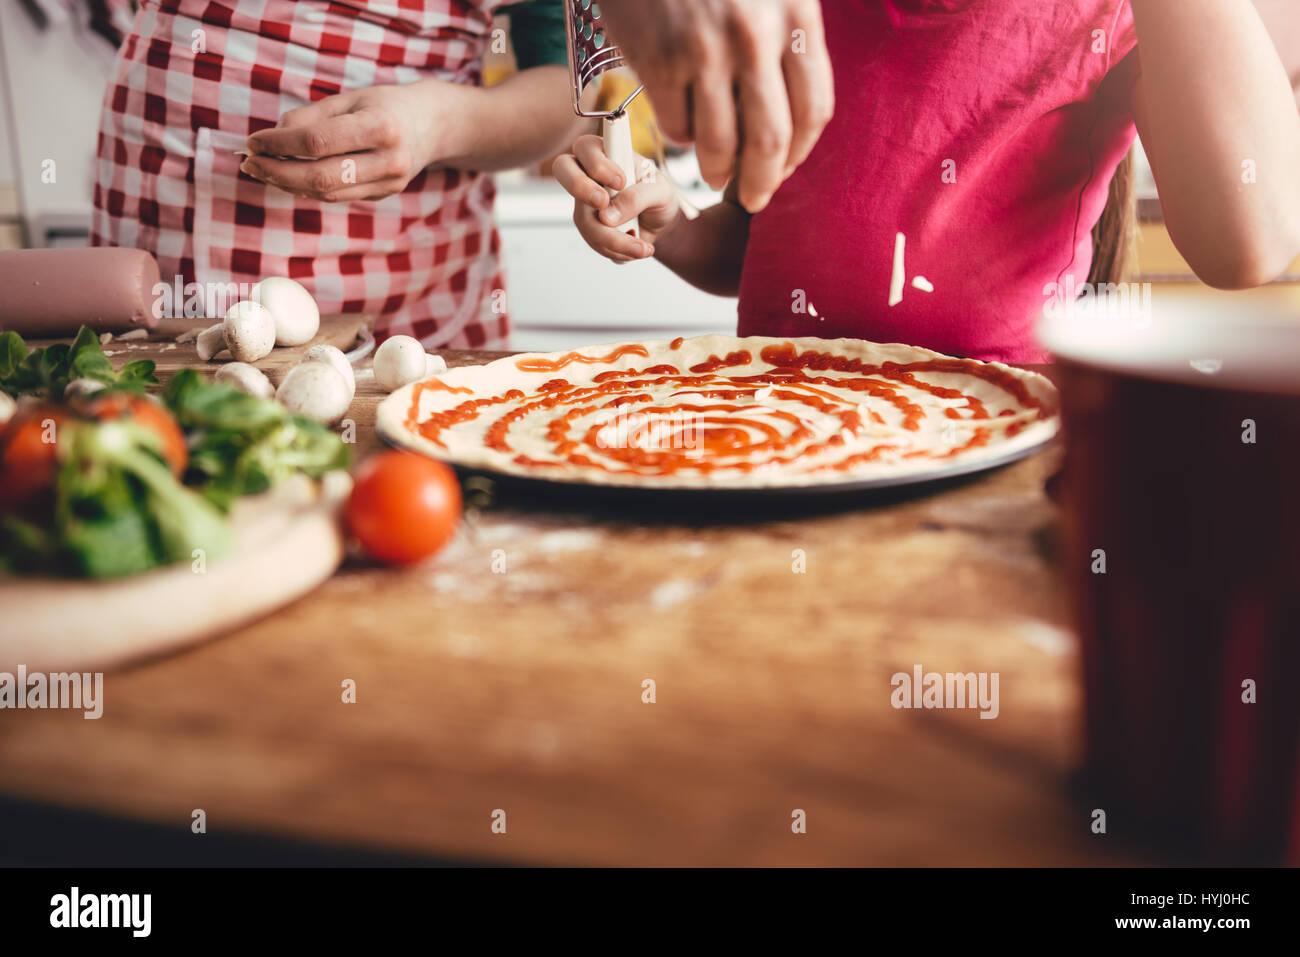 Mère et fille la préparation de pizza dans la cuisine Banque D'Images